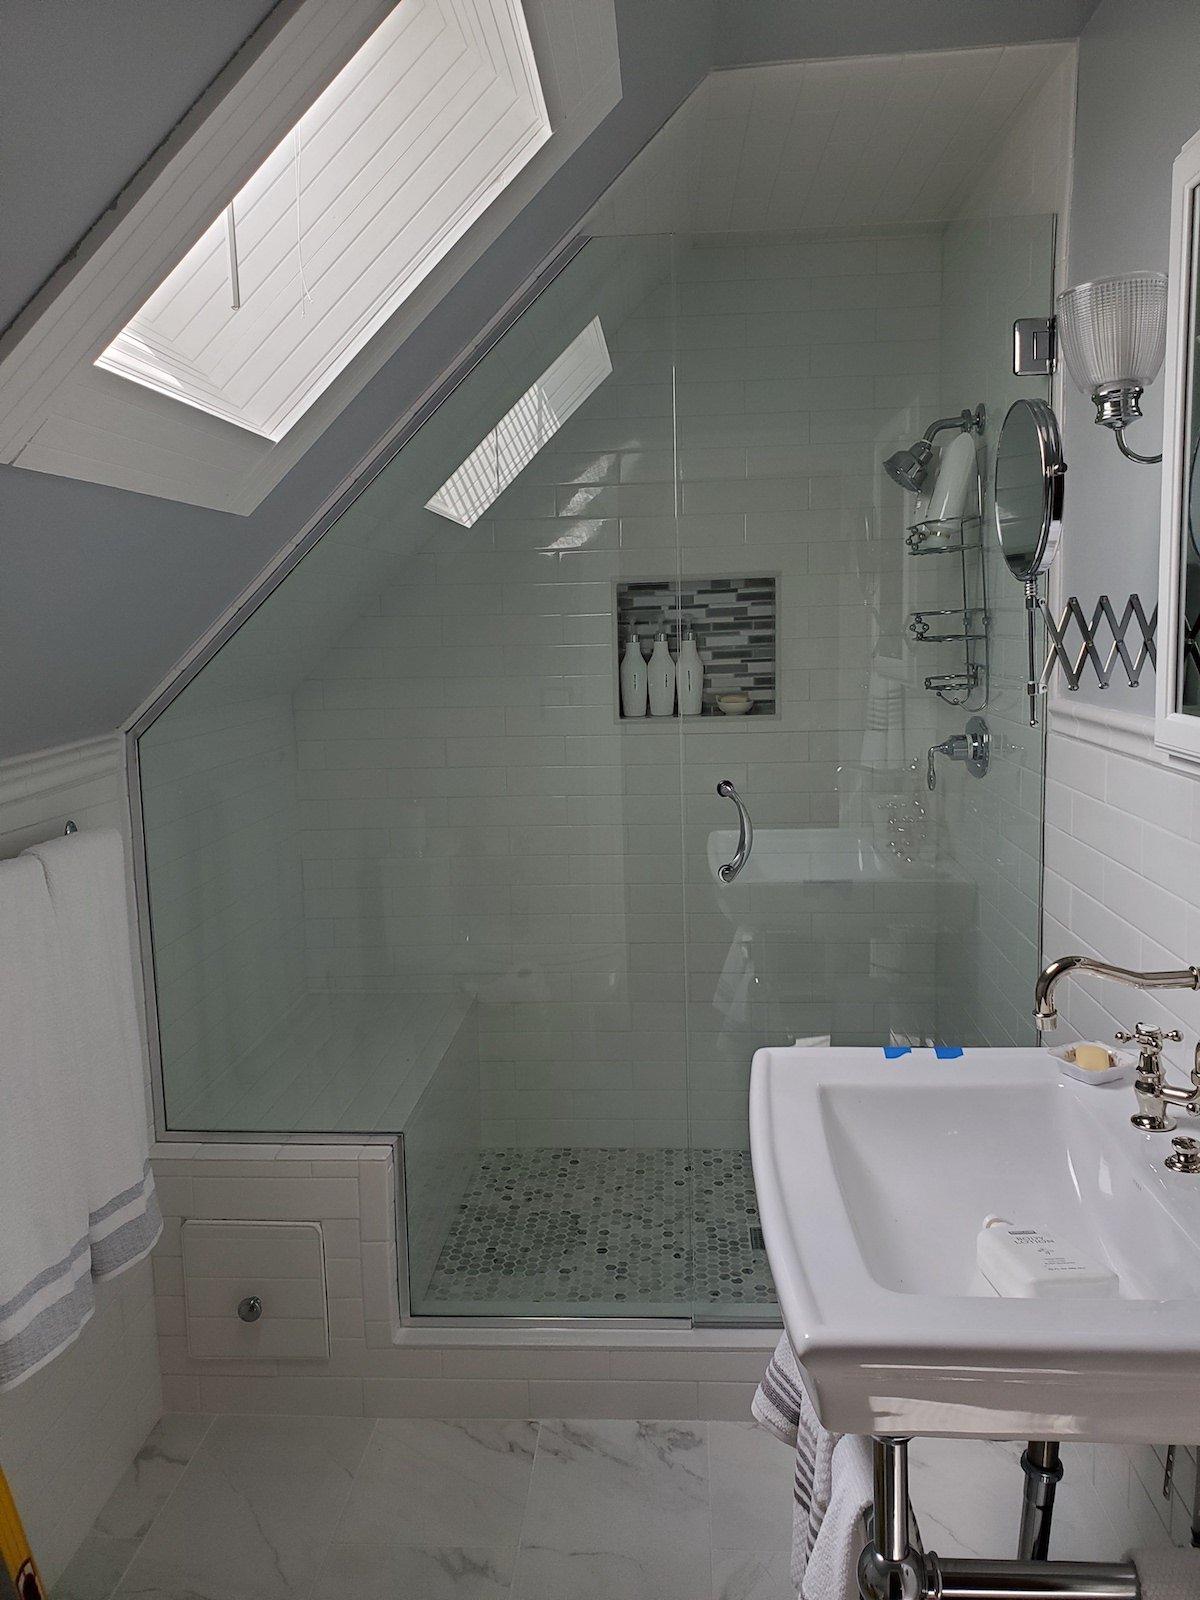 Shower Enclosure Lights Off